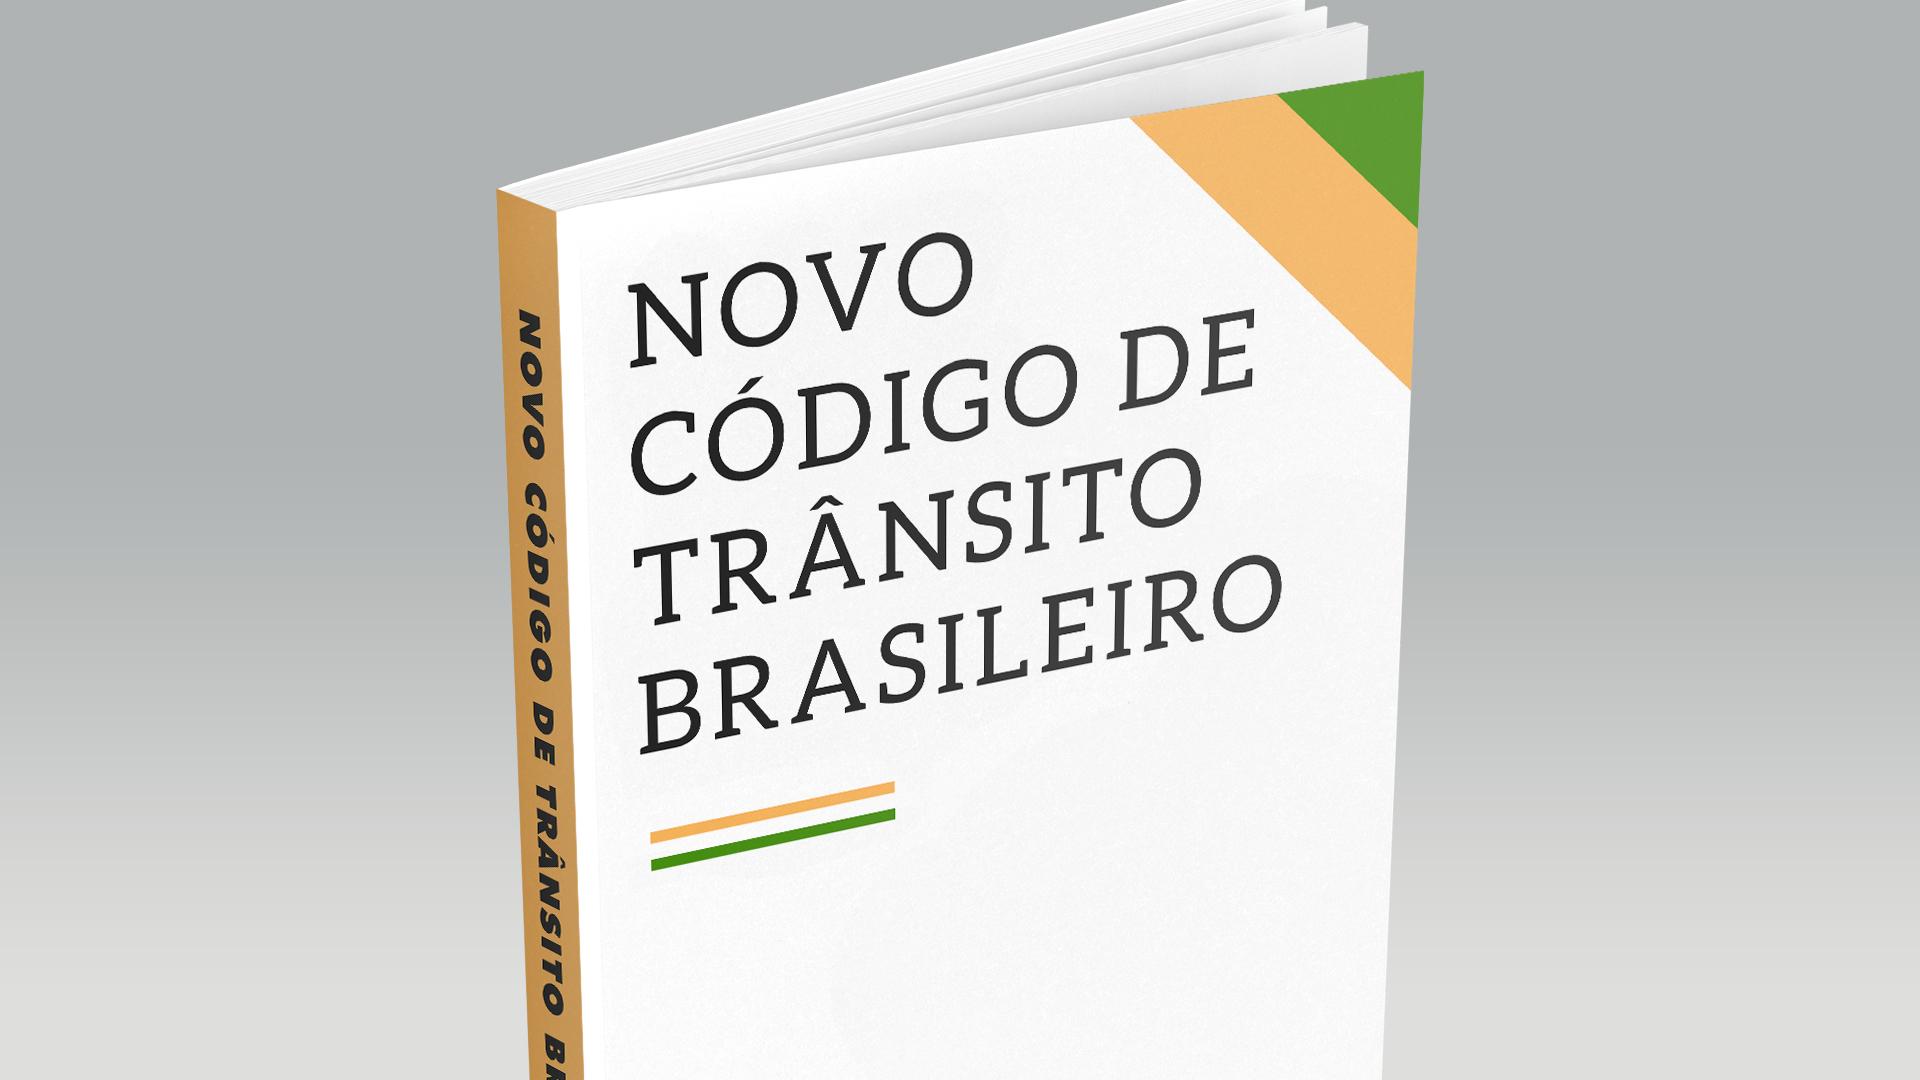 arte novo codigo de transito brasileiro